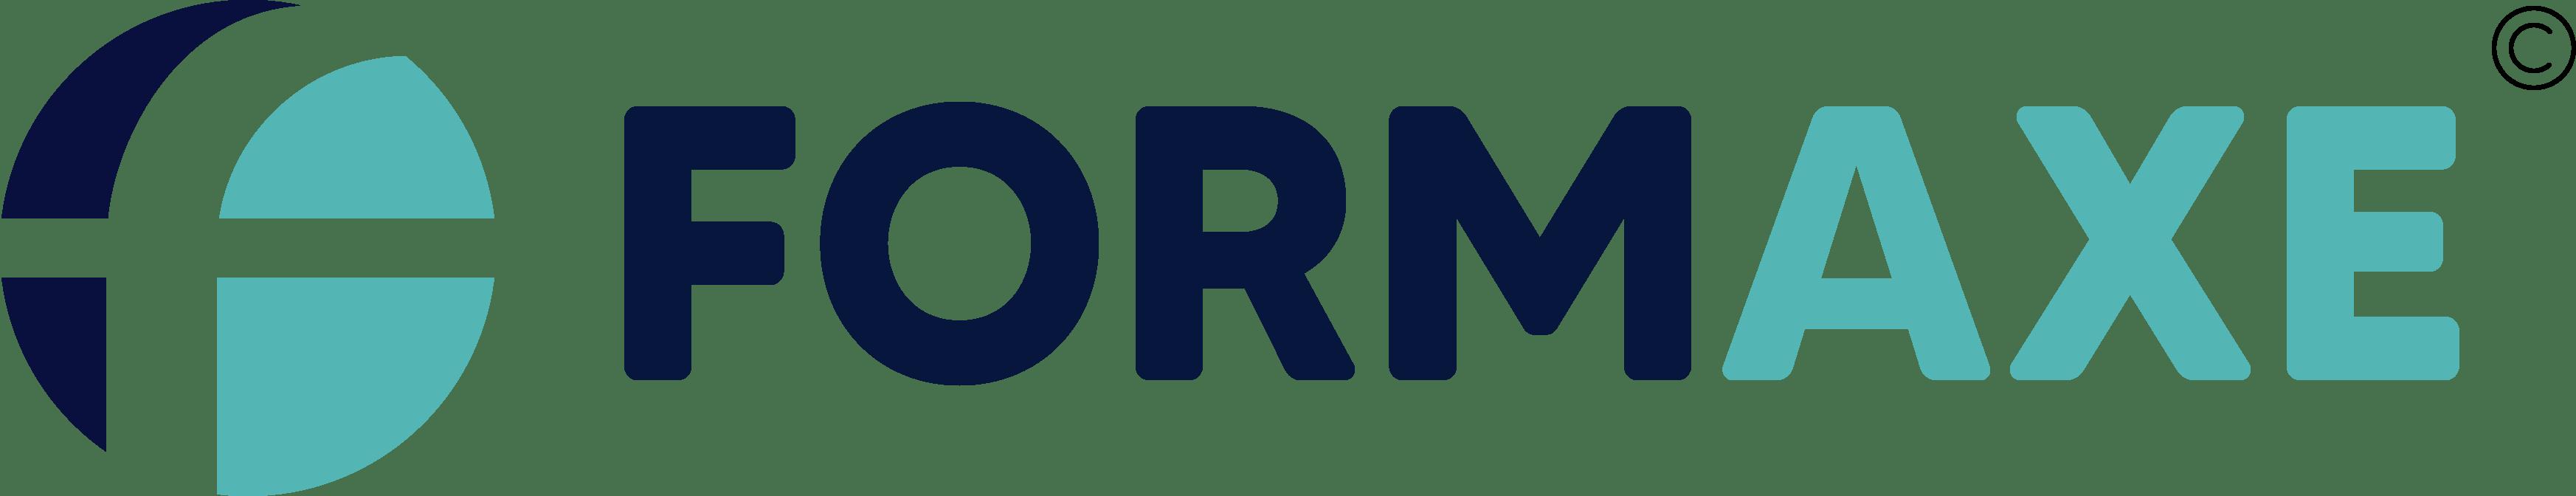 Formaxe.com